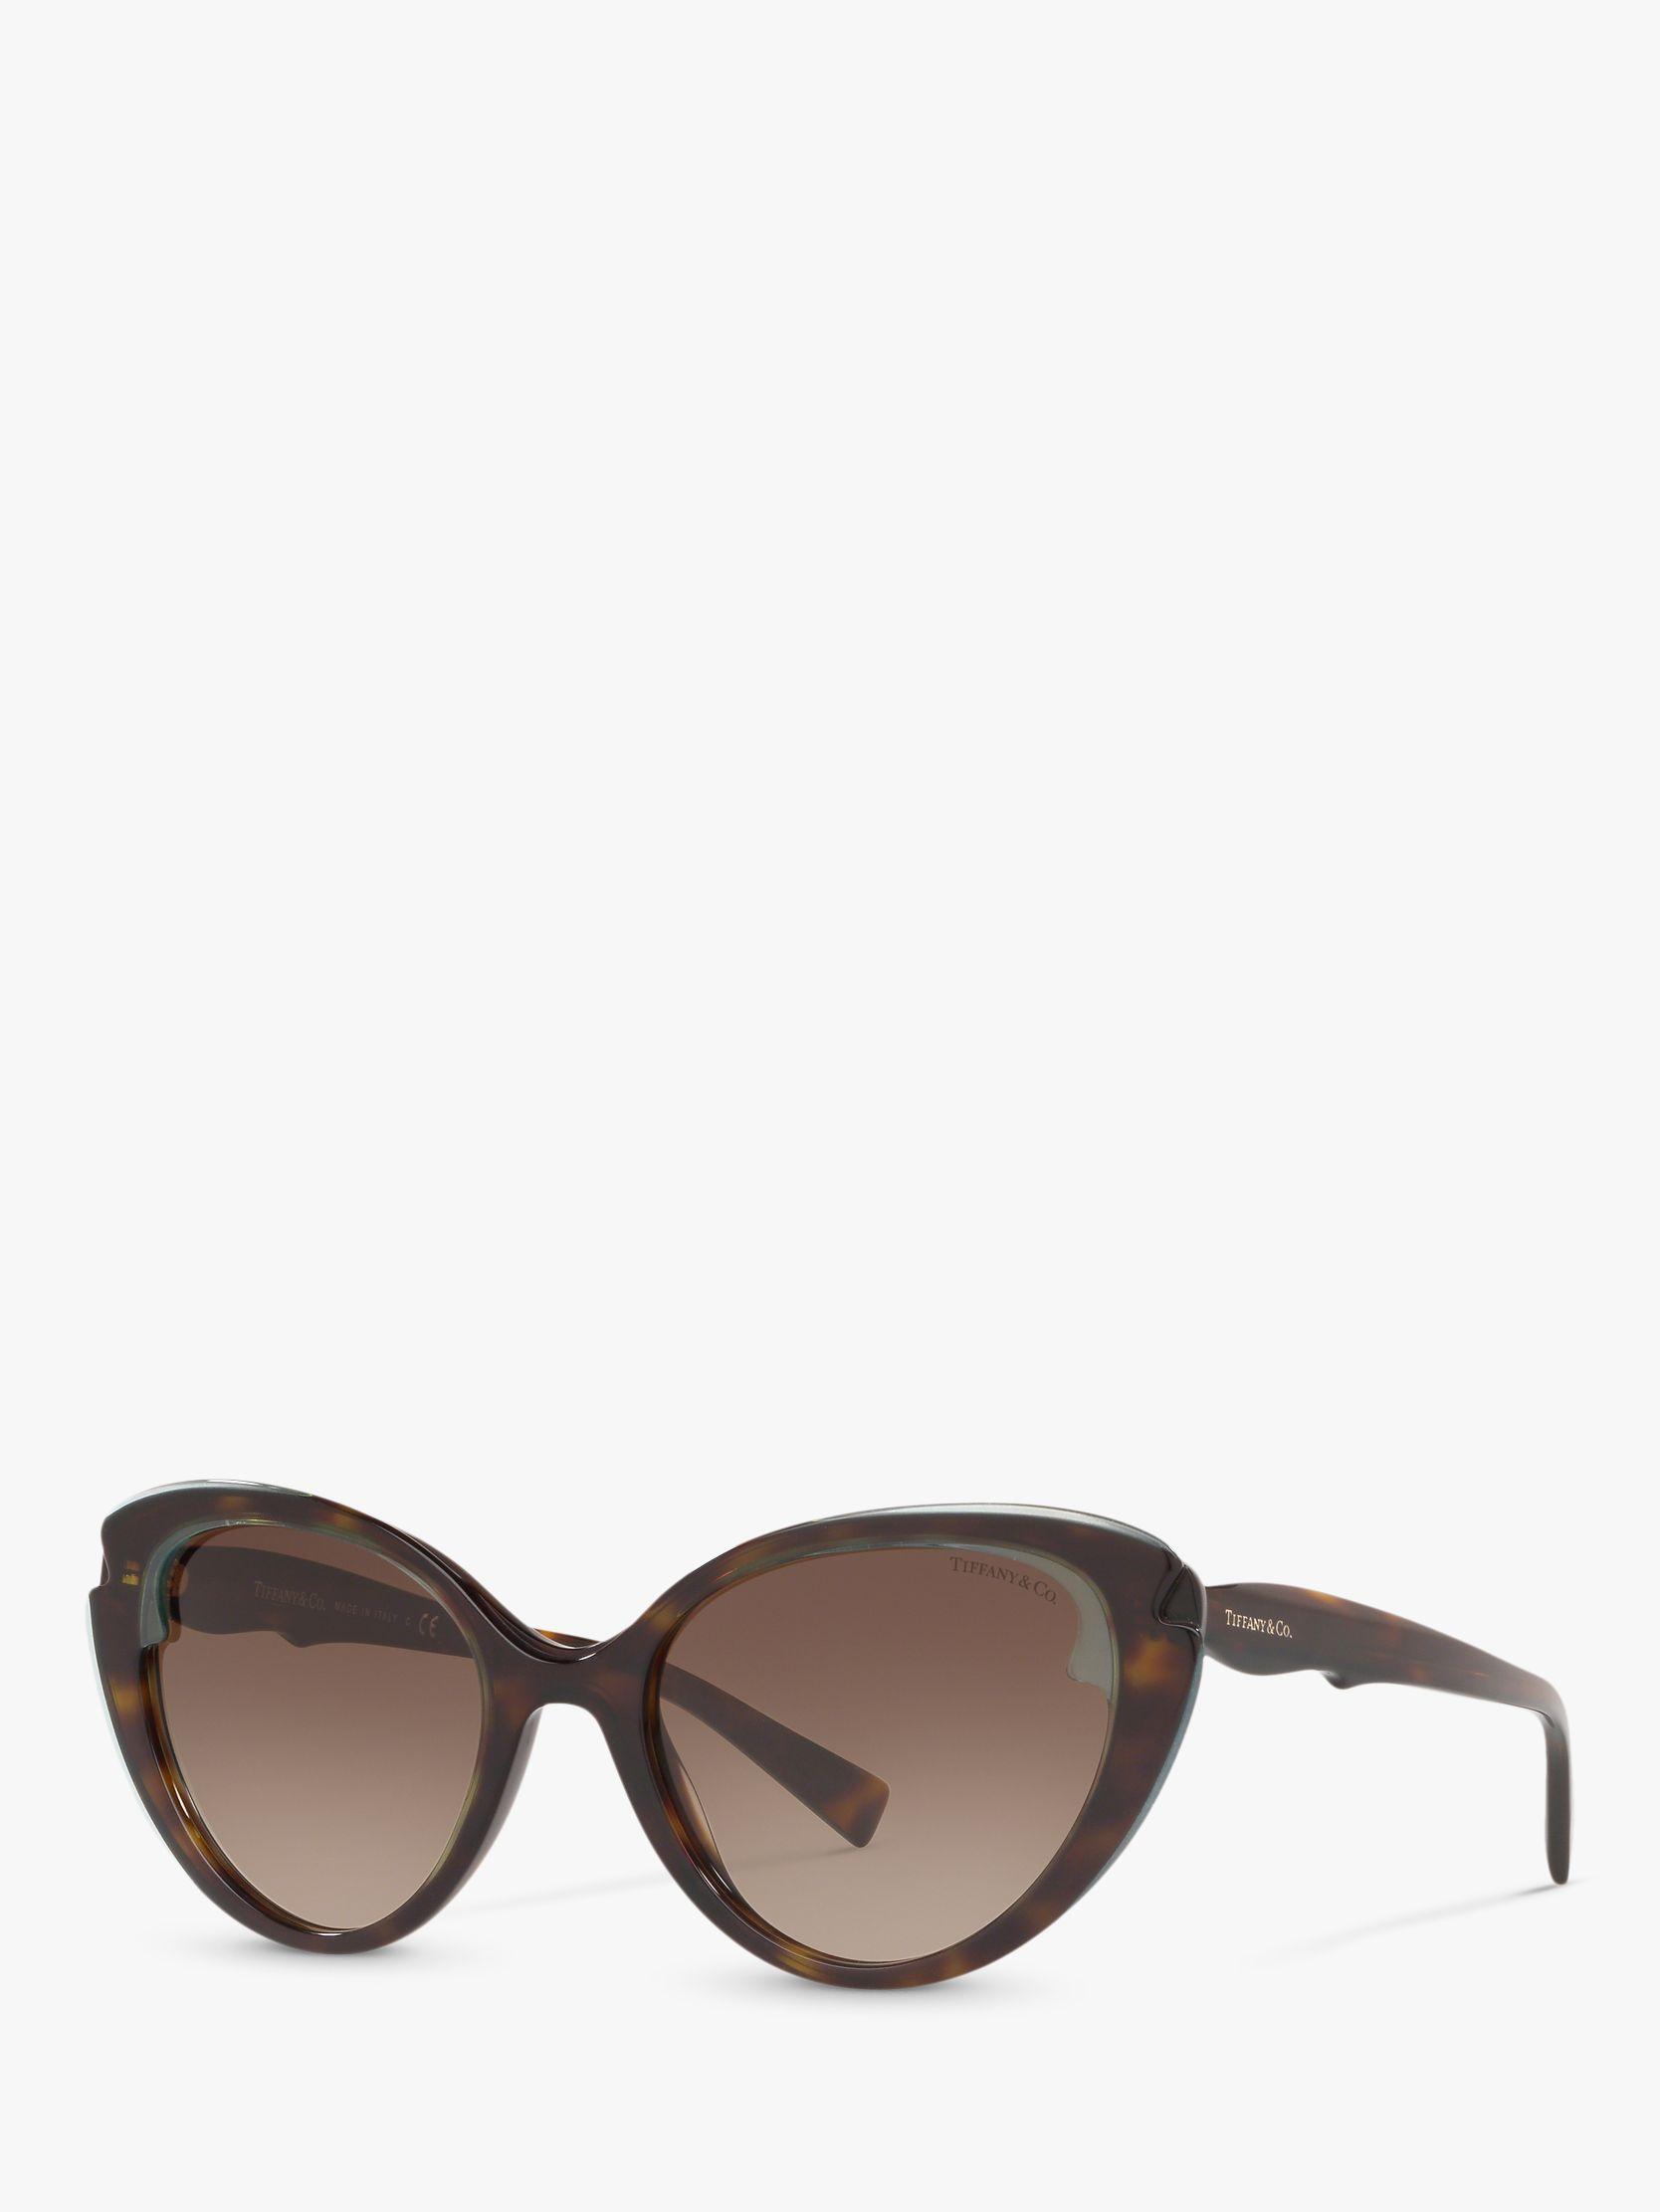 Tiffany & Co Tiffany & Co TF4163 Women's Cat's Eye Sunglasses